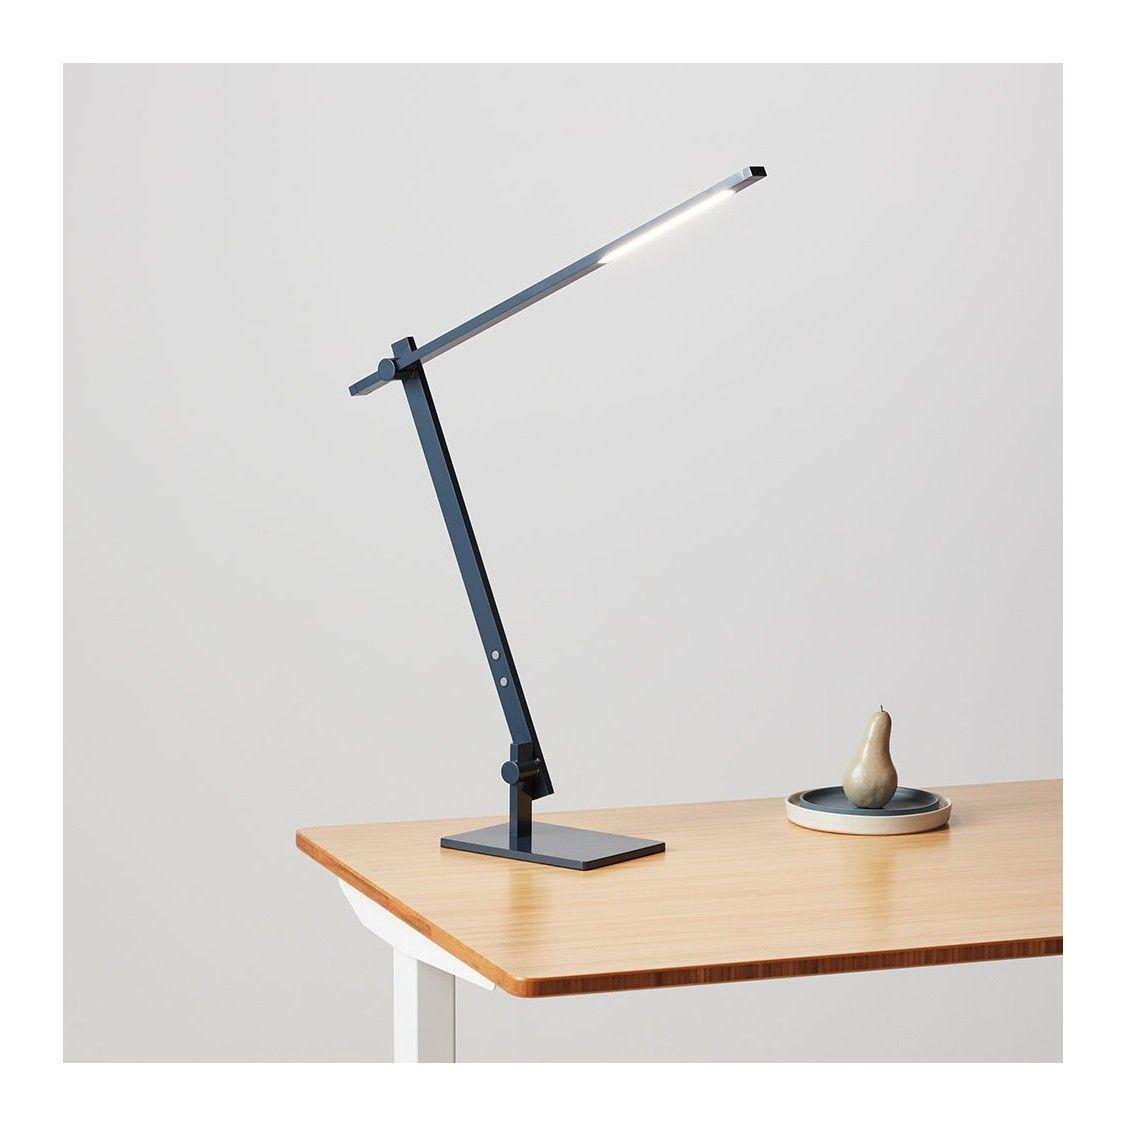 Beam LED Desk Lamp   Led desk lamp, Modern desk lamp, Desk lamp